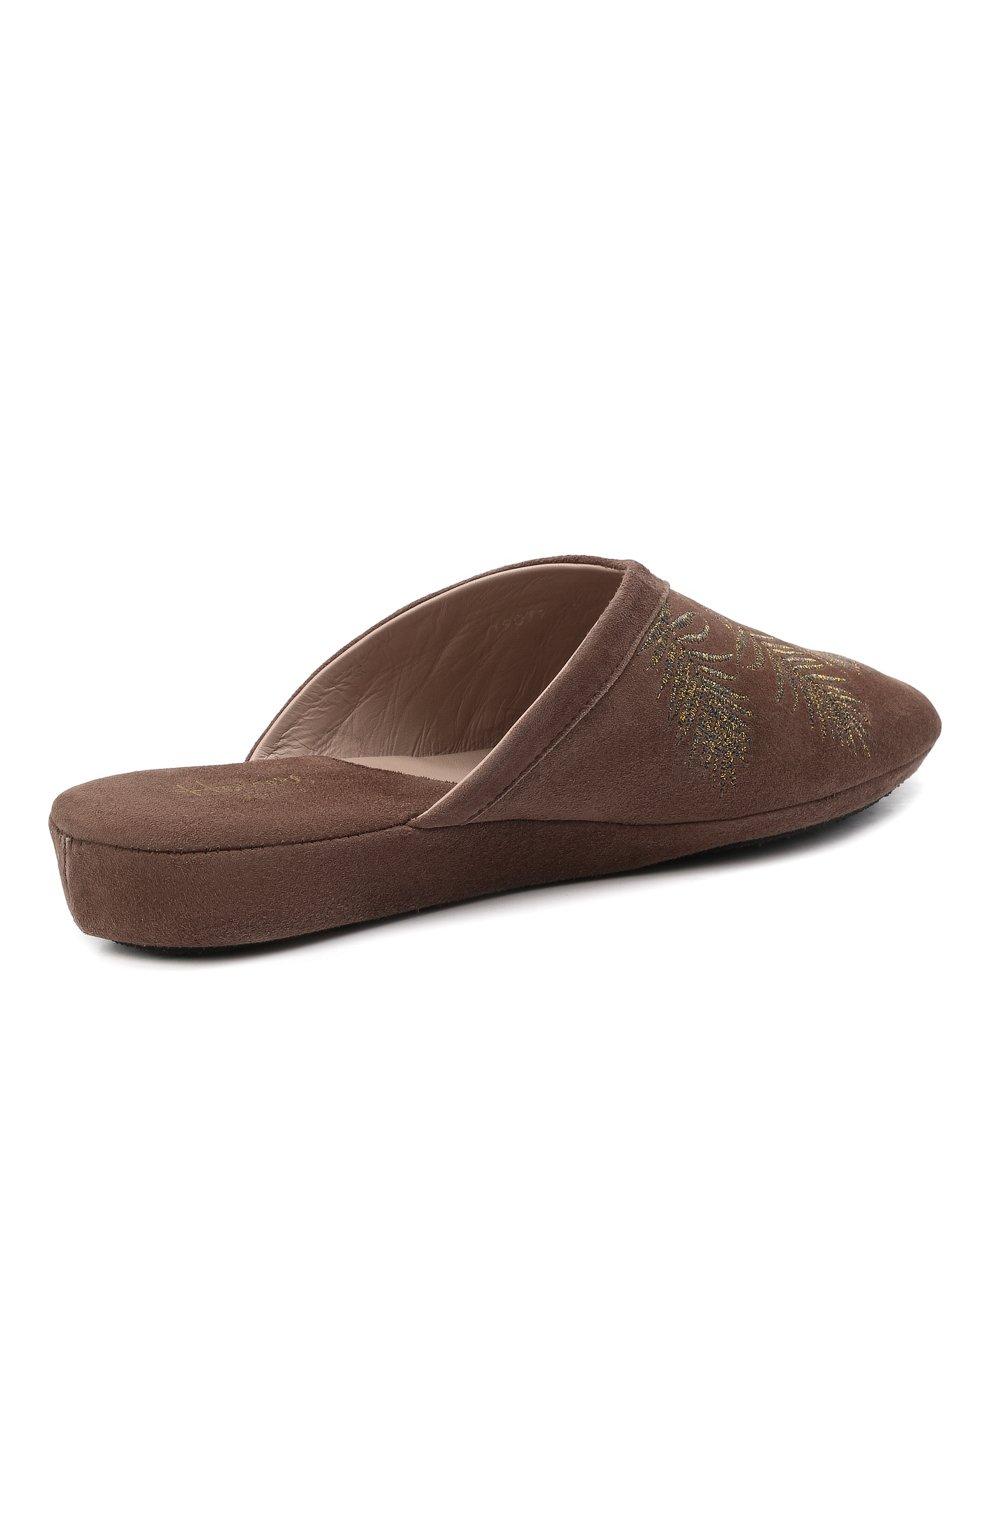 Женского туфли комнатные HOMERS AT HOME темно-коричневого цвета, арт. 19077R/ANTE | Фото 4 (Каблук высота: Низкий; Материал внутренний: Натуральная кожа; Женское Кросс-КТ: тапочки-домашняя обувь; Подошва: Плоская)